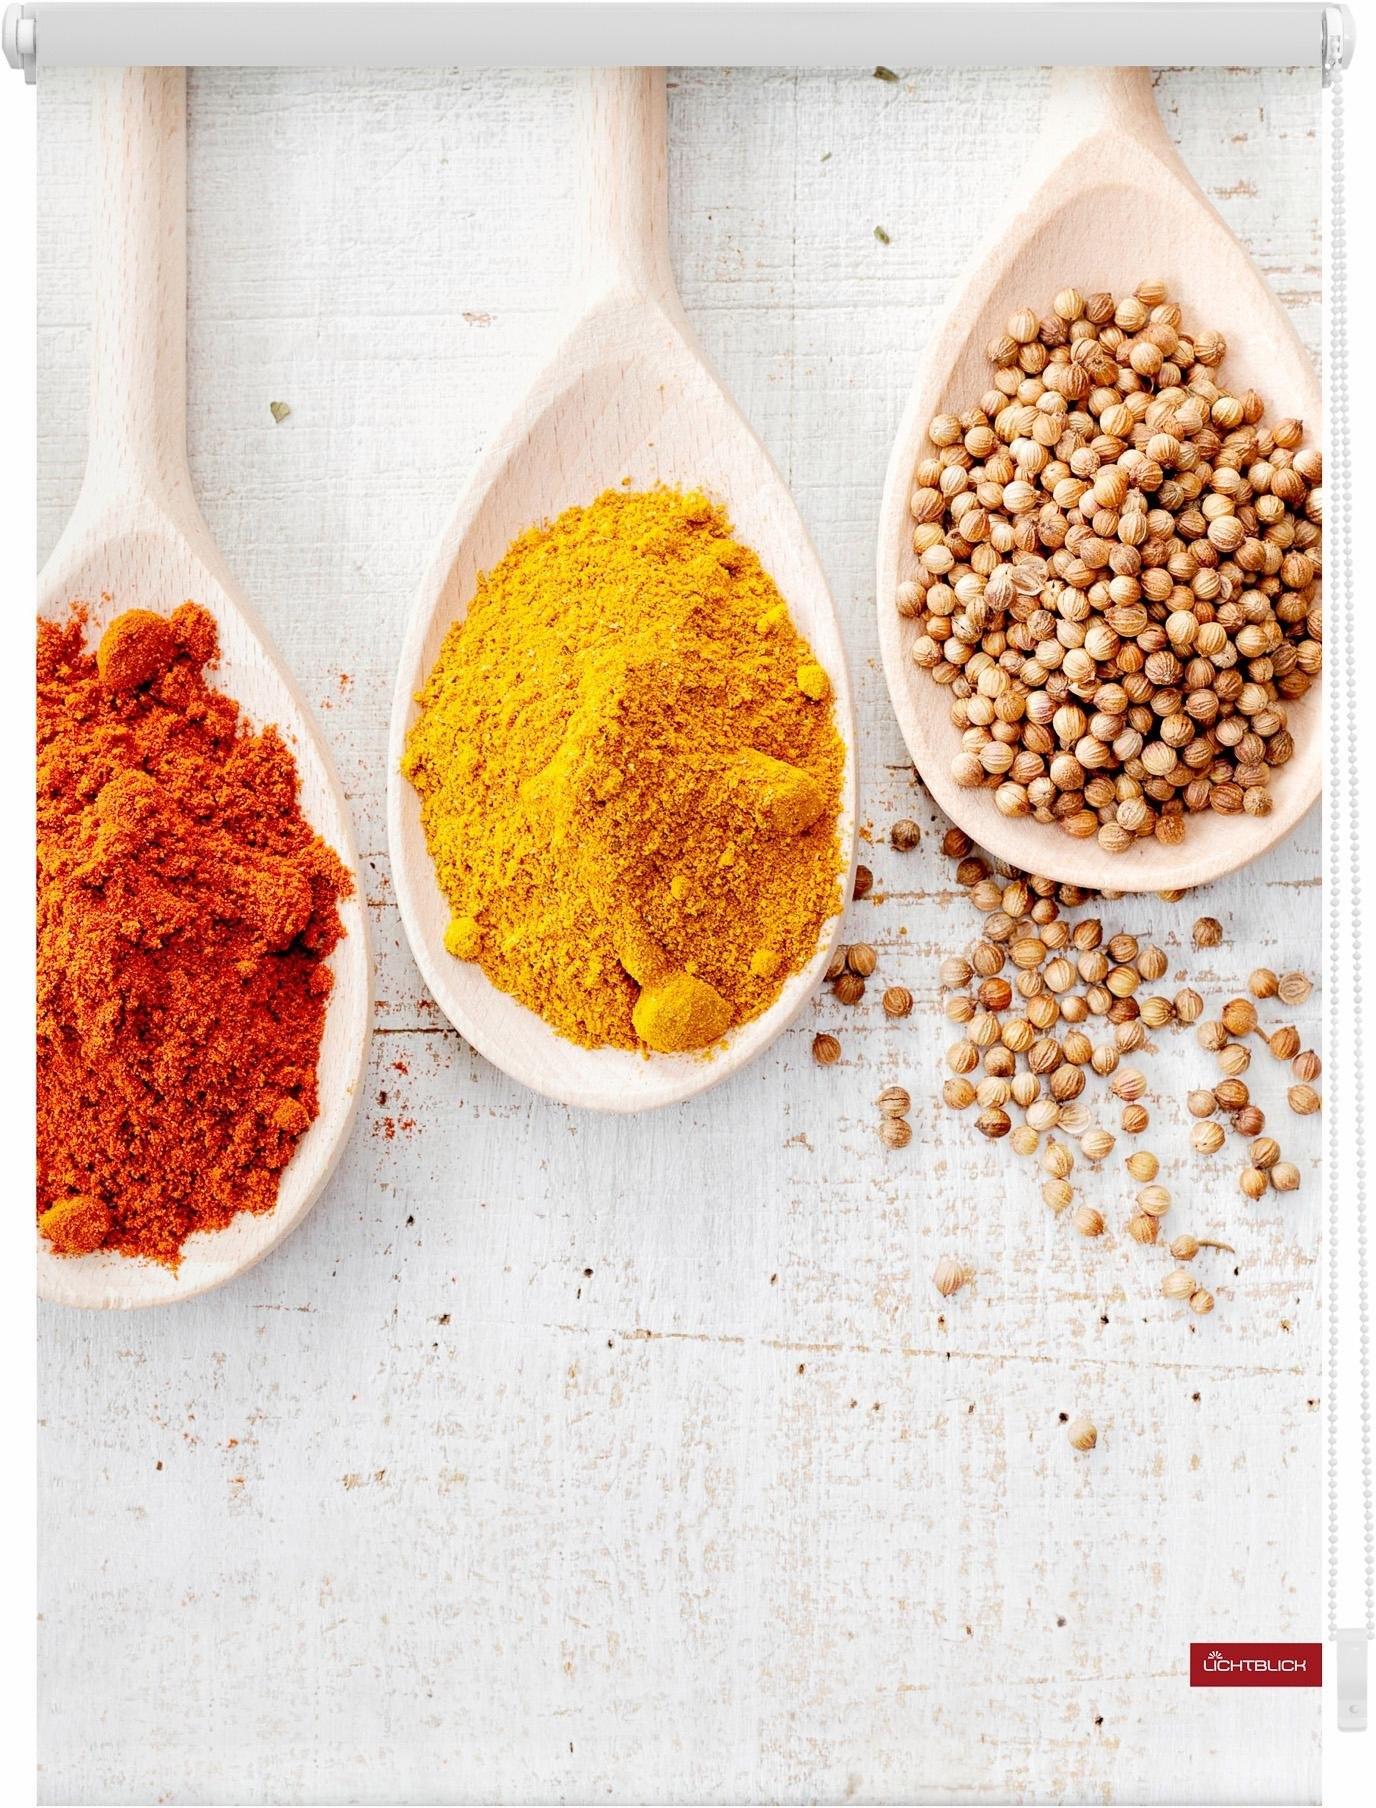 Lichtblick Rolgordijn met zijbediening, »Spices«, Klemmfix, kettingbediening, lichtwerend - gratis ruilen op otto.nl